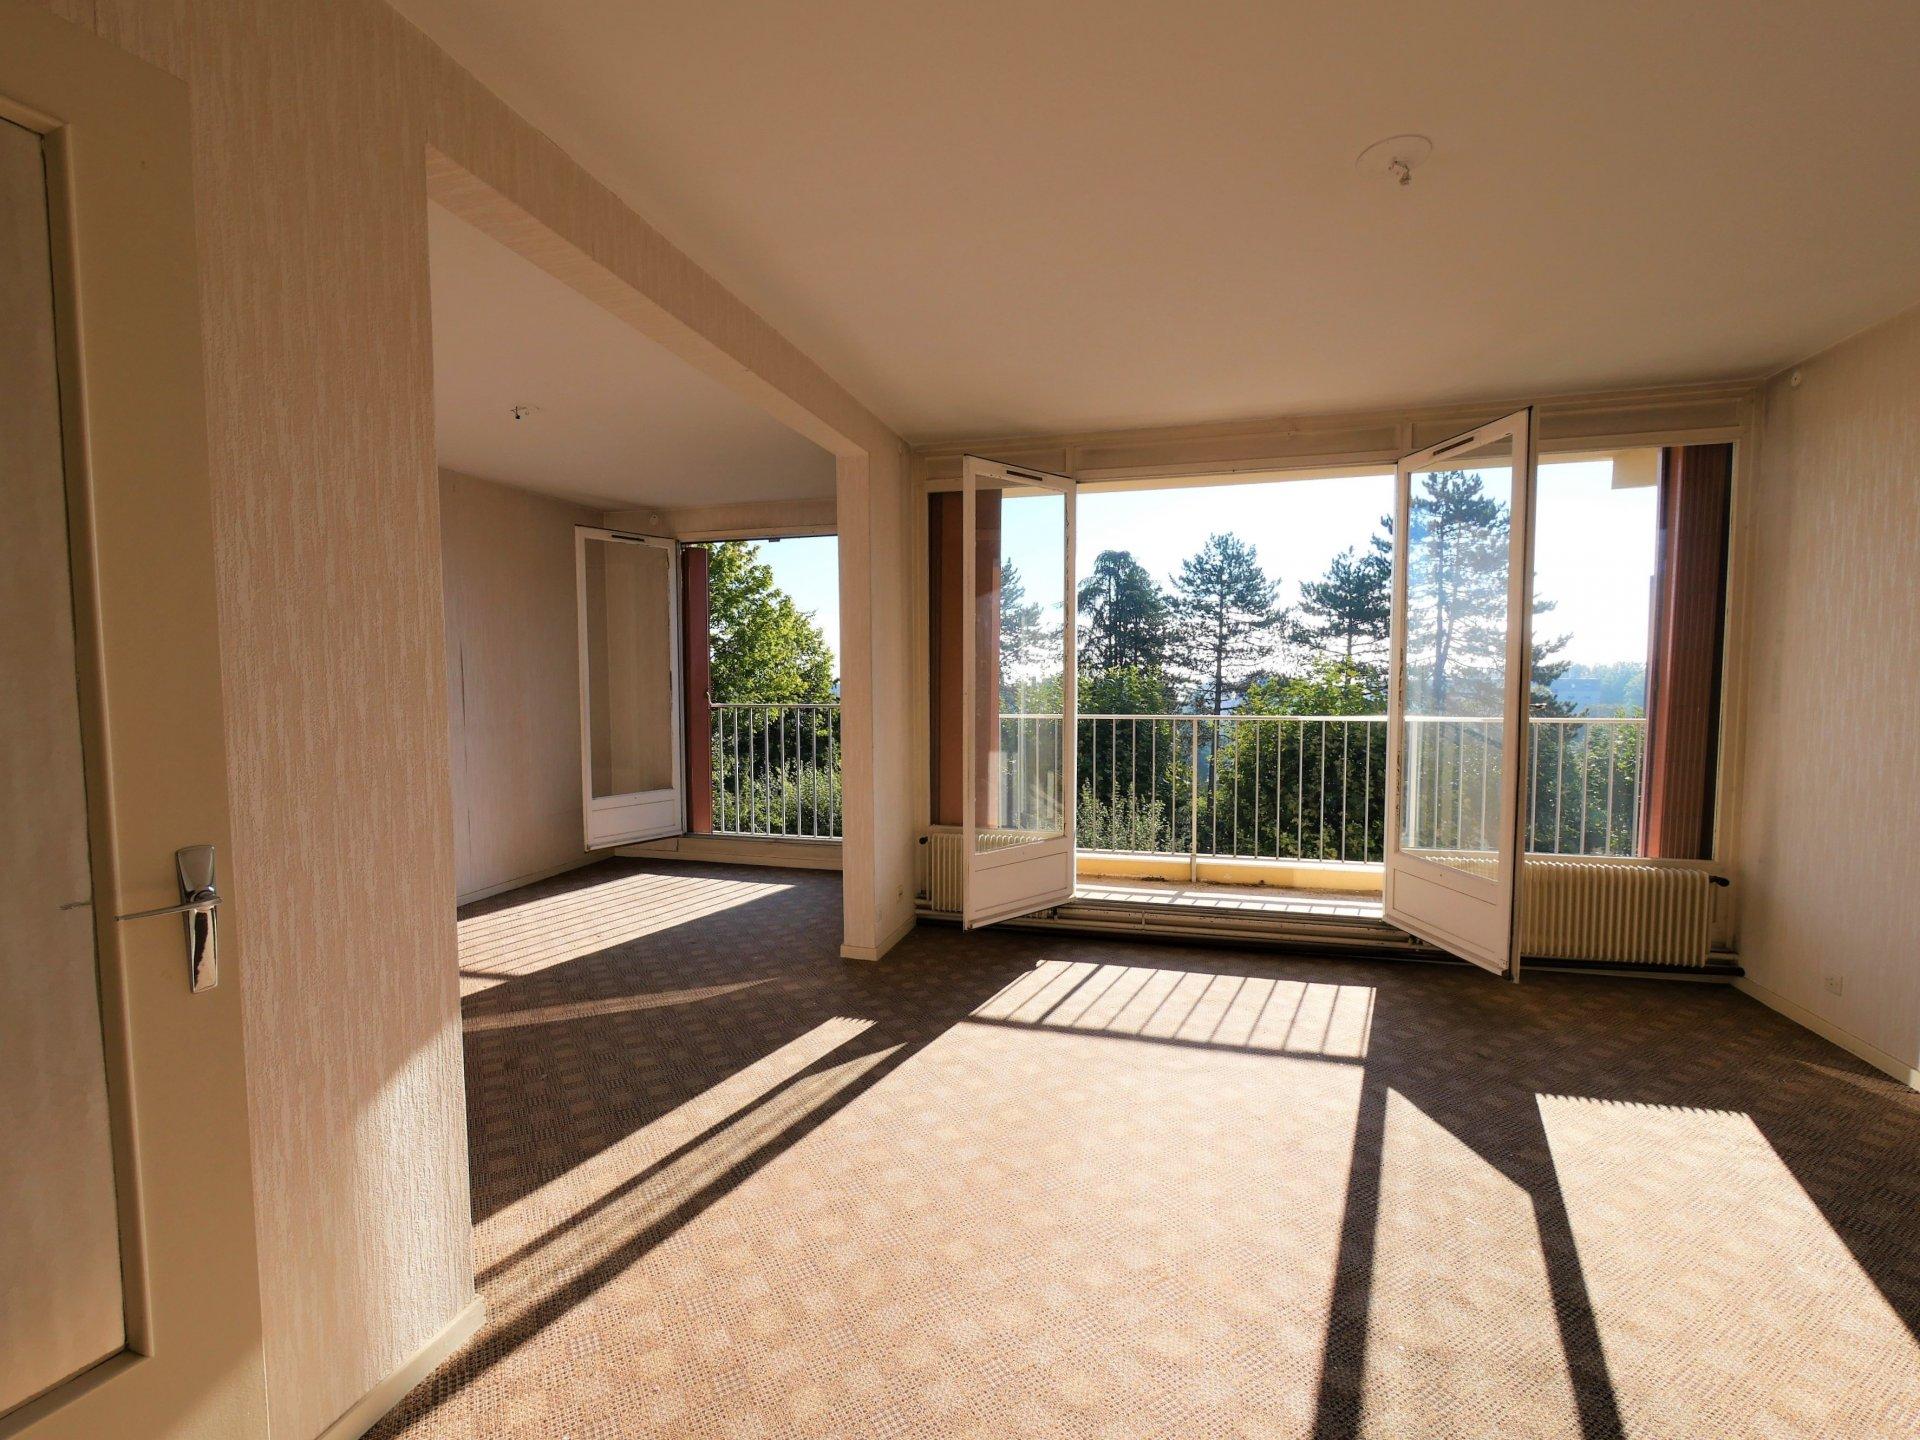 Dans un immeuble bien entretenu avec ascenseur, appartement de 80 m² à rénover.  Au 2 ème étage, l'appartement est traversant et dispose d'une vue particulièrement agréable de part et d'autre. Il se compose d'une entrée desservant une grande cuisine avec espace cellier, un espace salon - salle à manger avec grandes baies vitrées donnant sur le balcon, deux chambres, une salle de bains et des espaces de rangement. Très lumineux, vous apprécierez ses grandes ouvertures donnant sur de beaux espaces verts. Beaucoup d'atouts pour cet appartement qui nécessite tout de même des travaux de rénovation.  Vendu avec cave et place de parking individuelles.  Bien soumis au régime de la copropriété - charges de 1200 ?/an comprenant l'entretien et l'électricité des parties communes, l'assurance et le syndic.